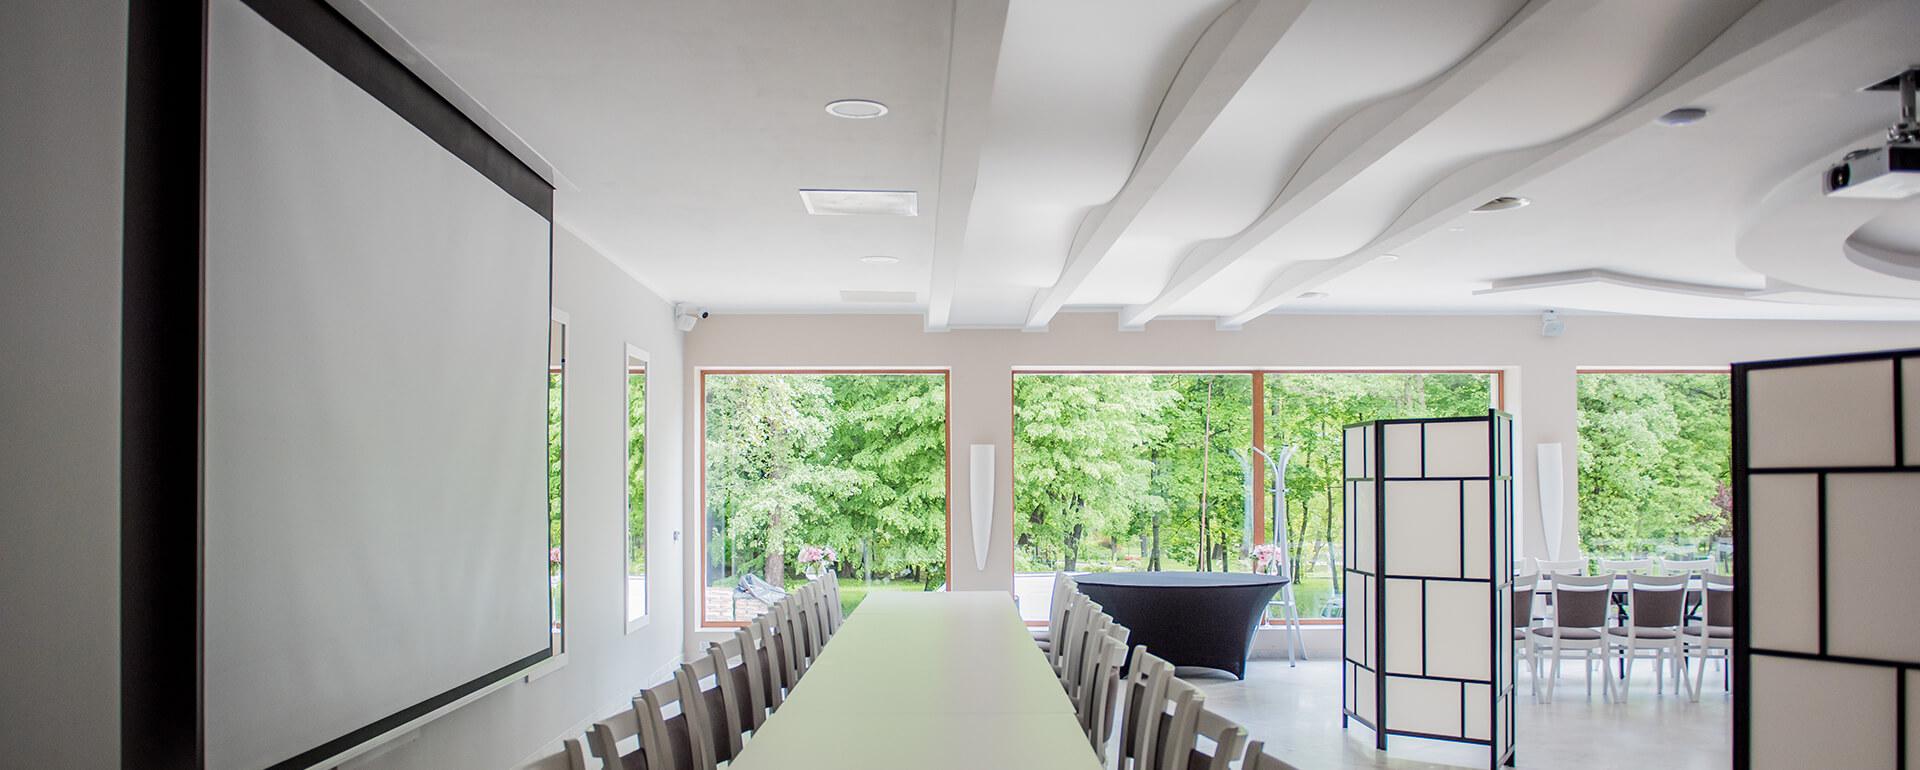 sala konferencyjna w Gliwicach